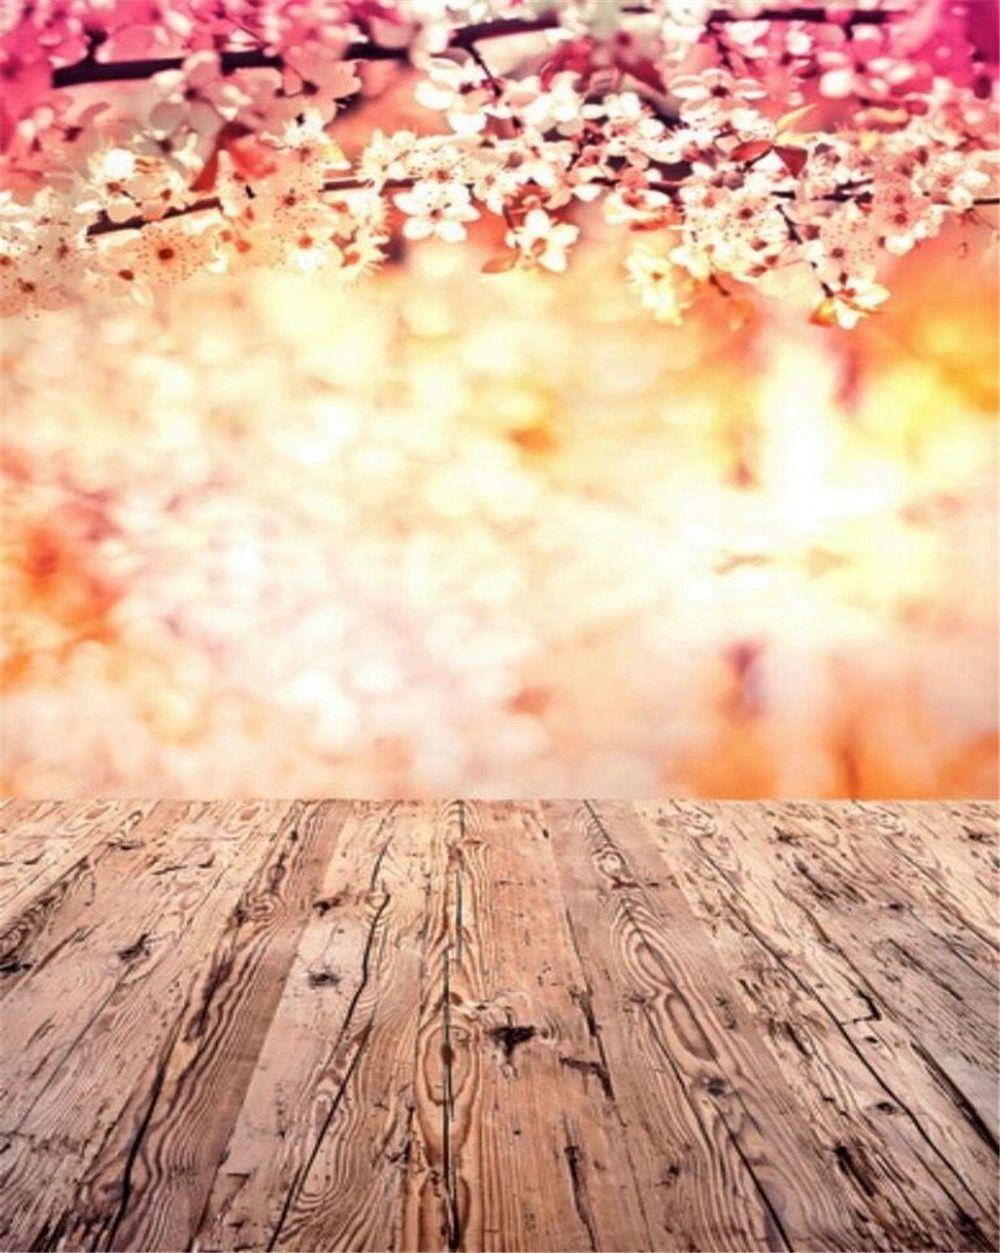 compre recm nascido do chuveiro do beb flores pano de fundo flores cnica scenic photography backdrops de madeira textura piso crianas estdio photo